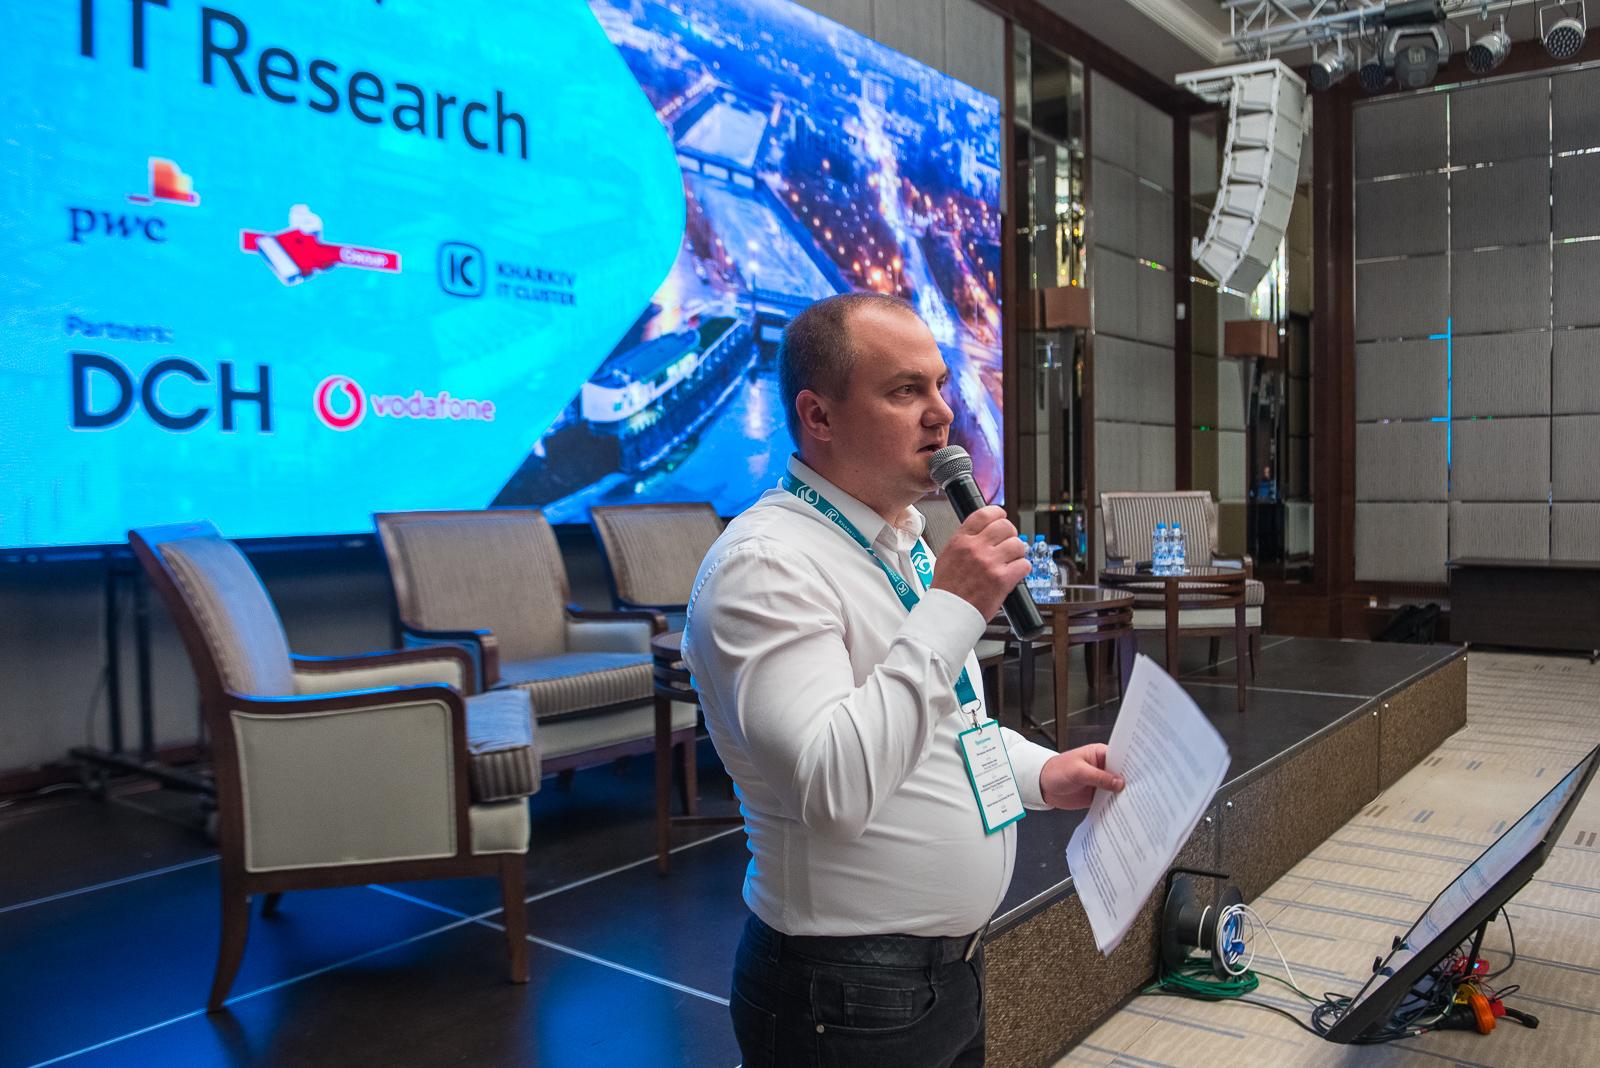 DSC_2236 KHARKIV IT-RESEARCH: 25 000 IT-фахівців, більш ніж 450 компаній у галузі та 5 млрд гривень податків до бюджету України